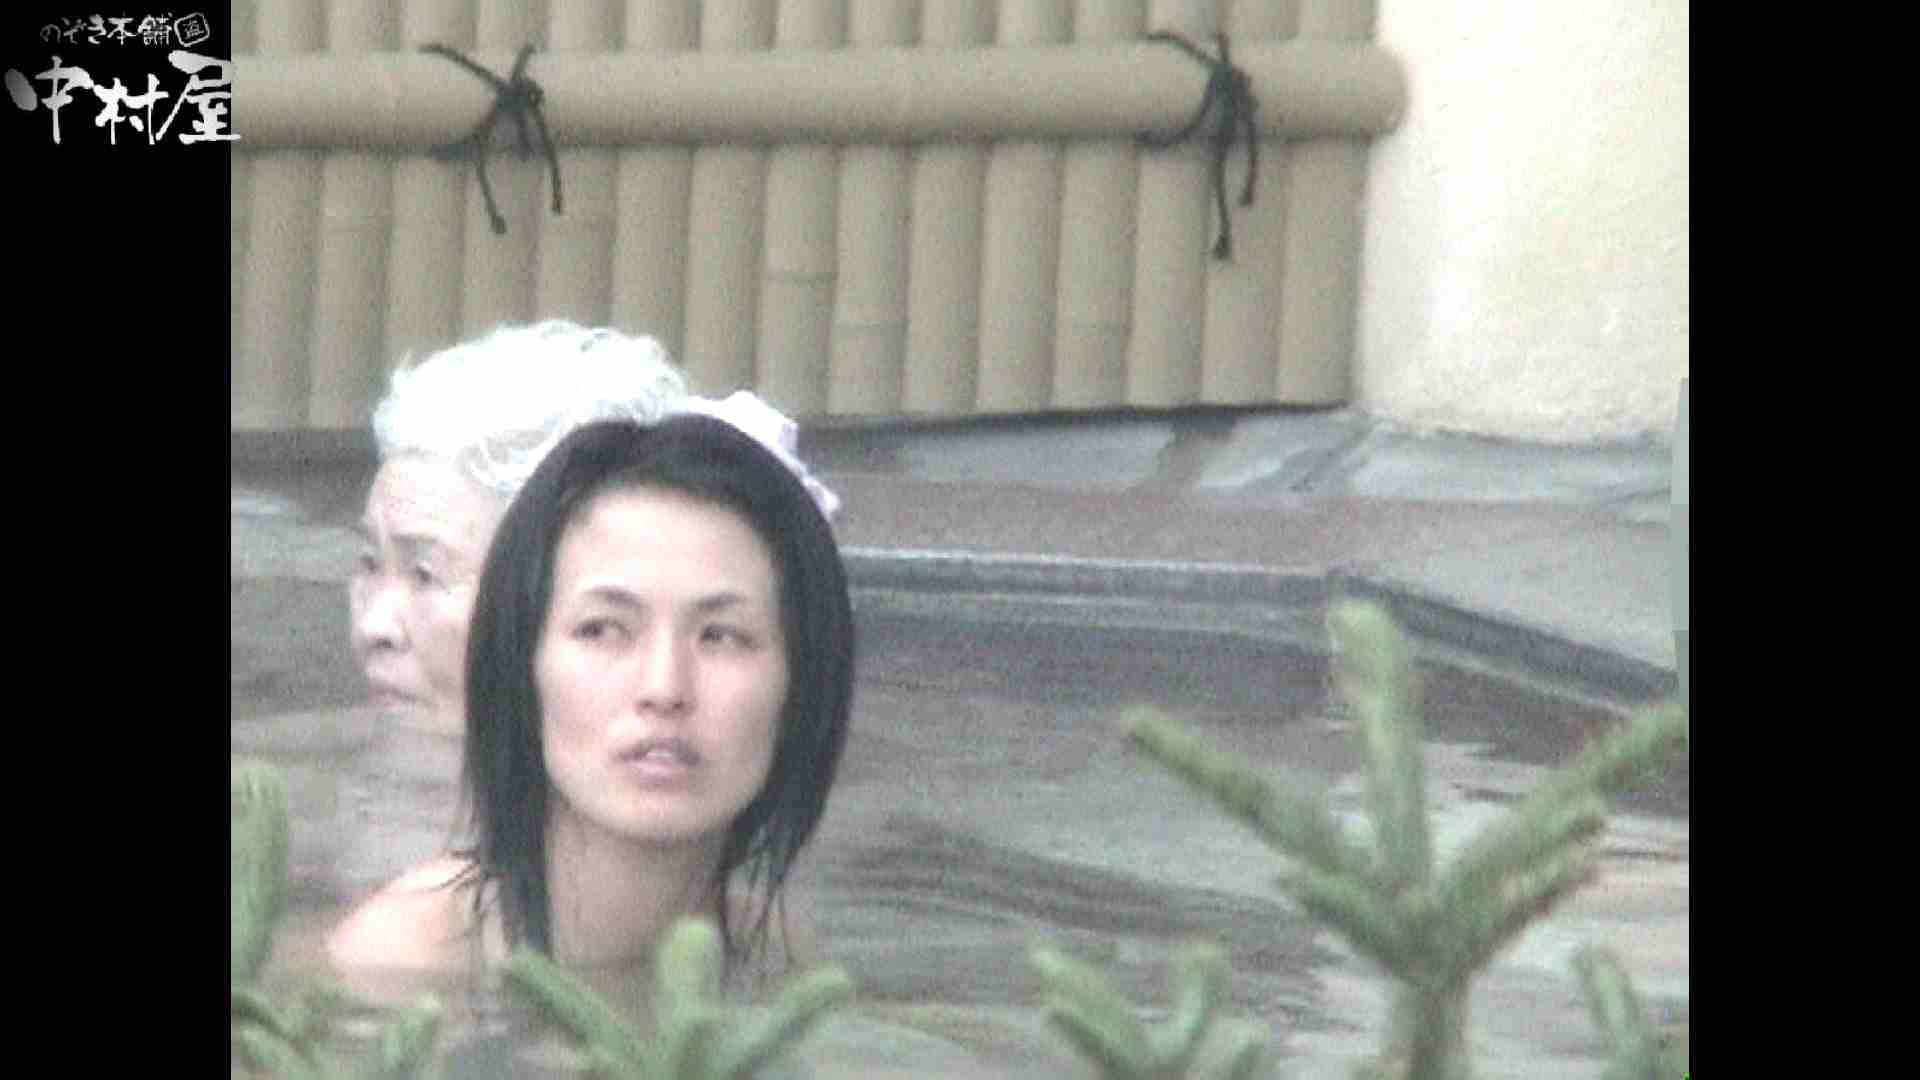 Aquaな露天風呂Vol.933 露天風呂 | 盗撮  74連発 40